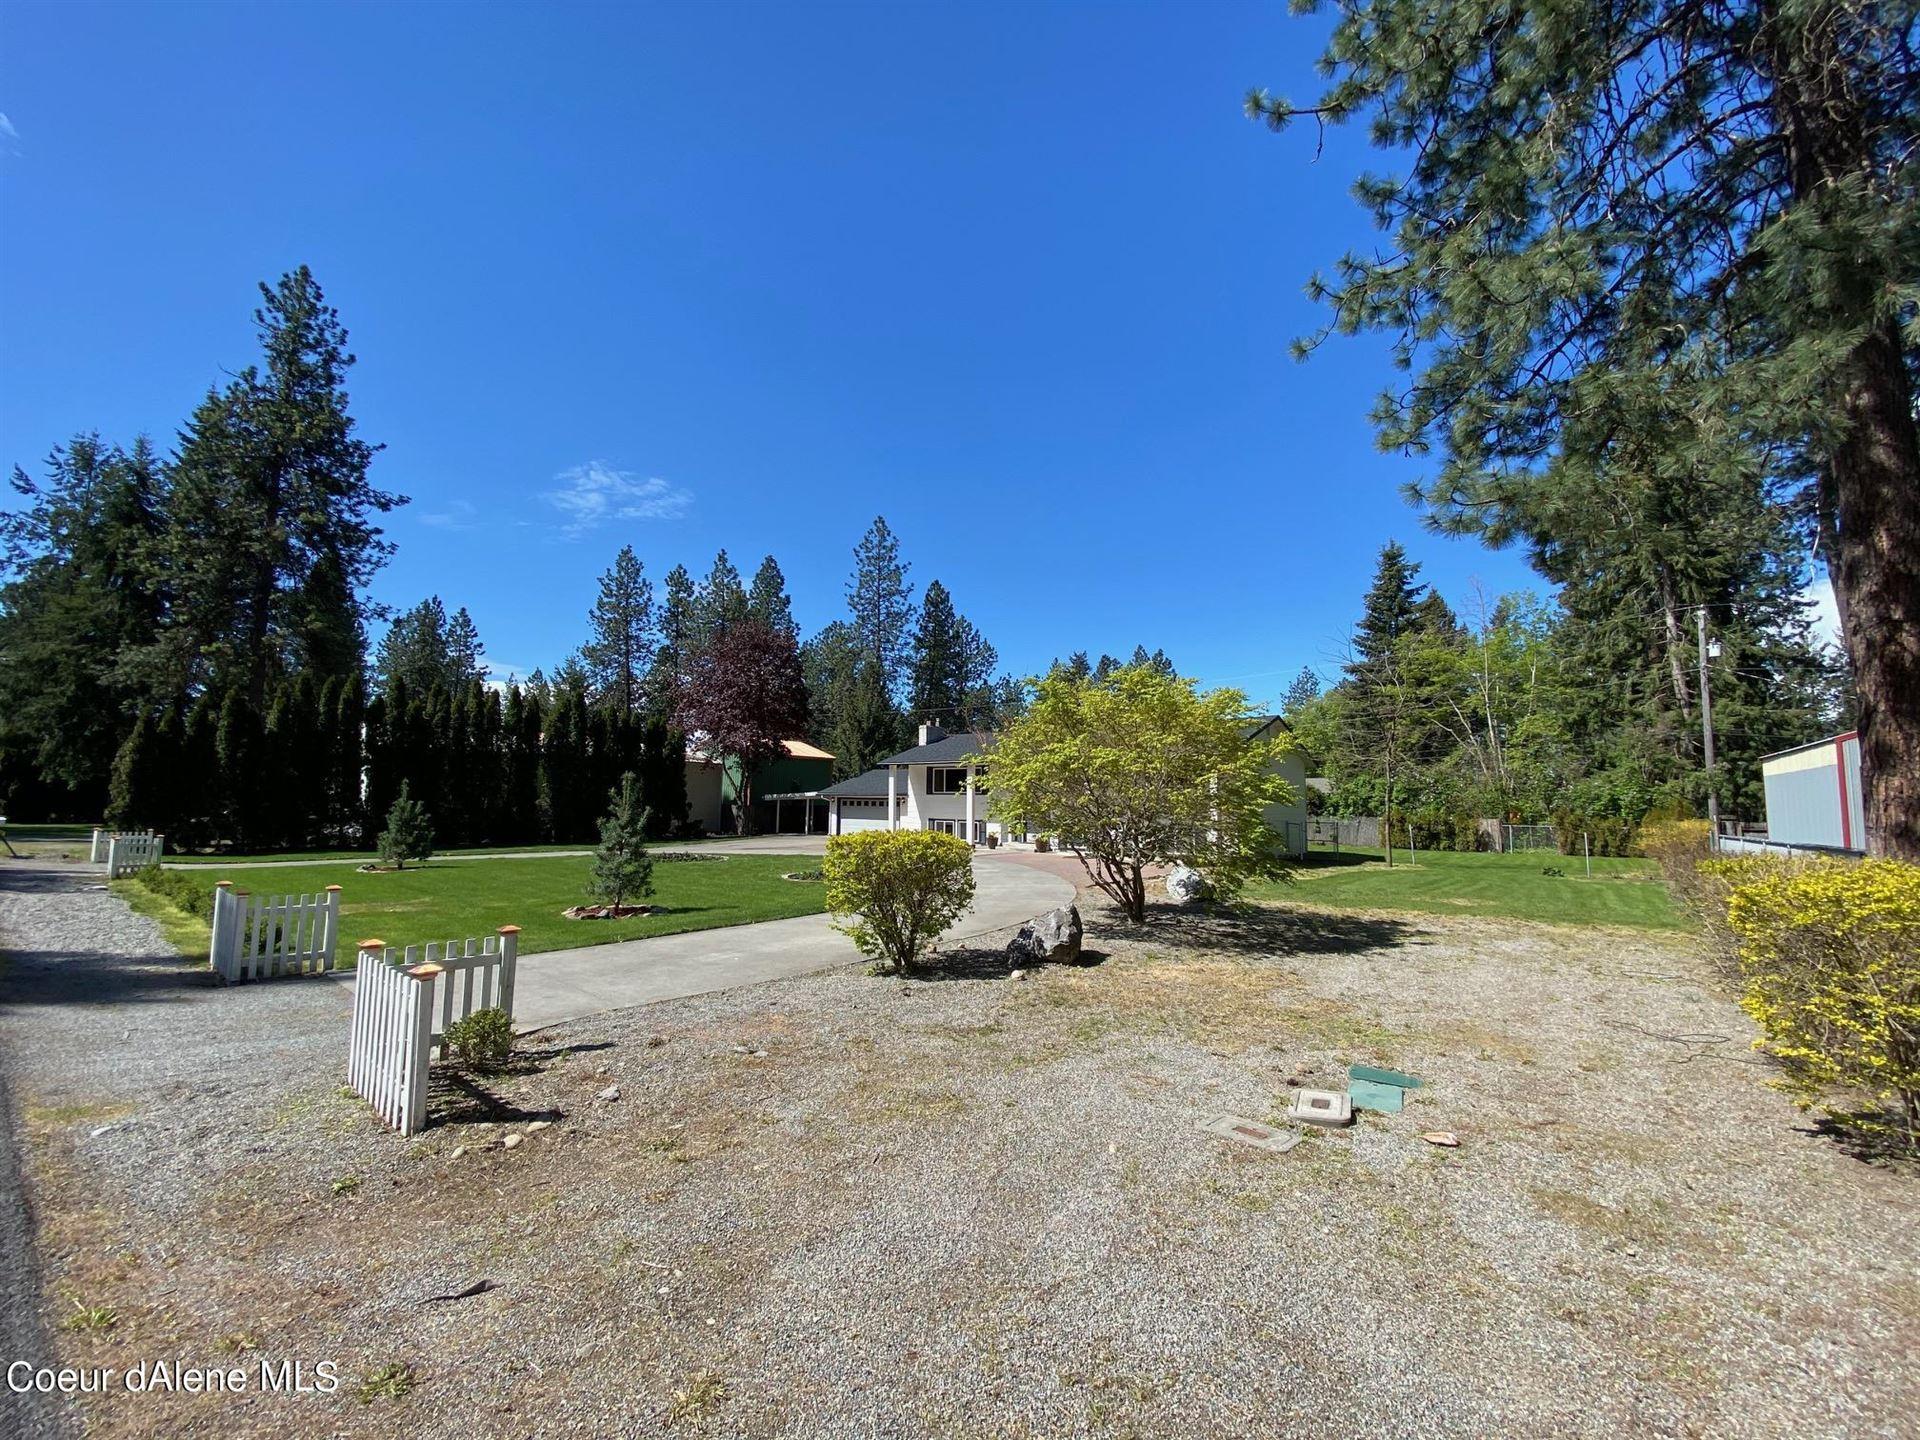 Photo of 11847 N. PINETREE RD., Hayden, ID 83835 (MLS # 21-4150)